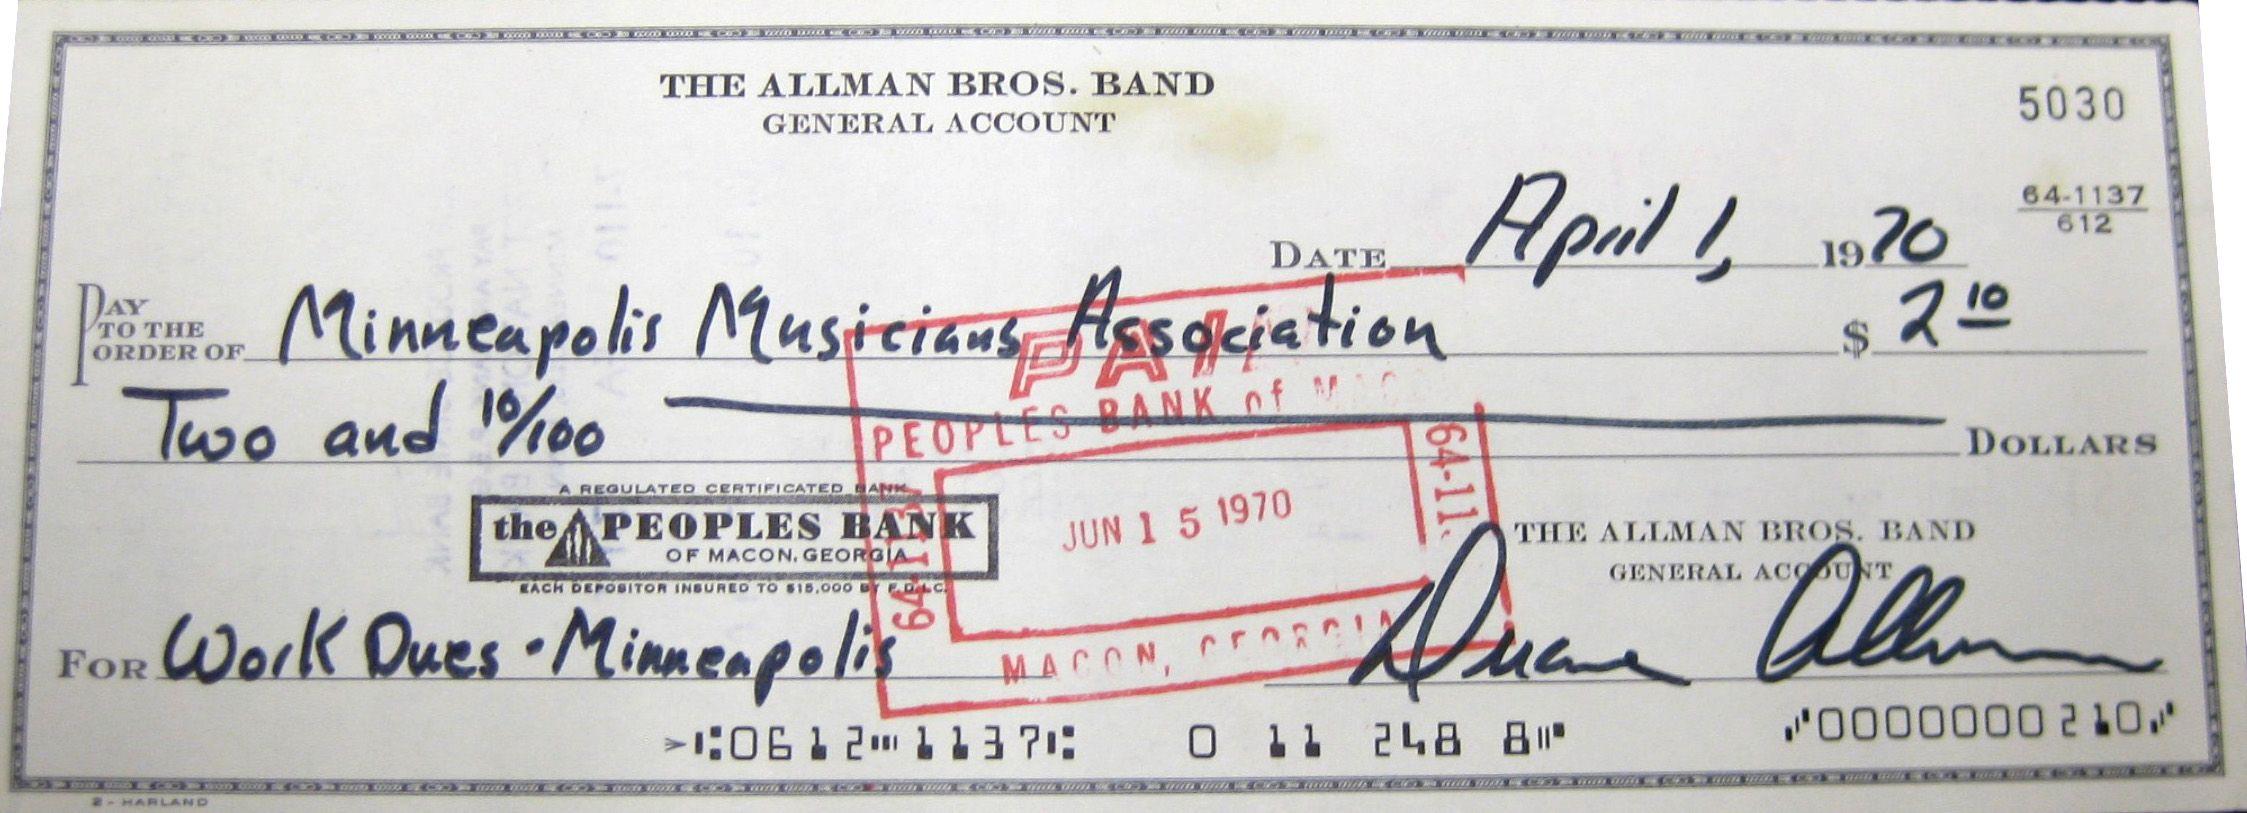 Duane Allman Psa Autographfacts